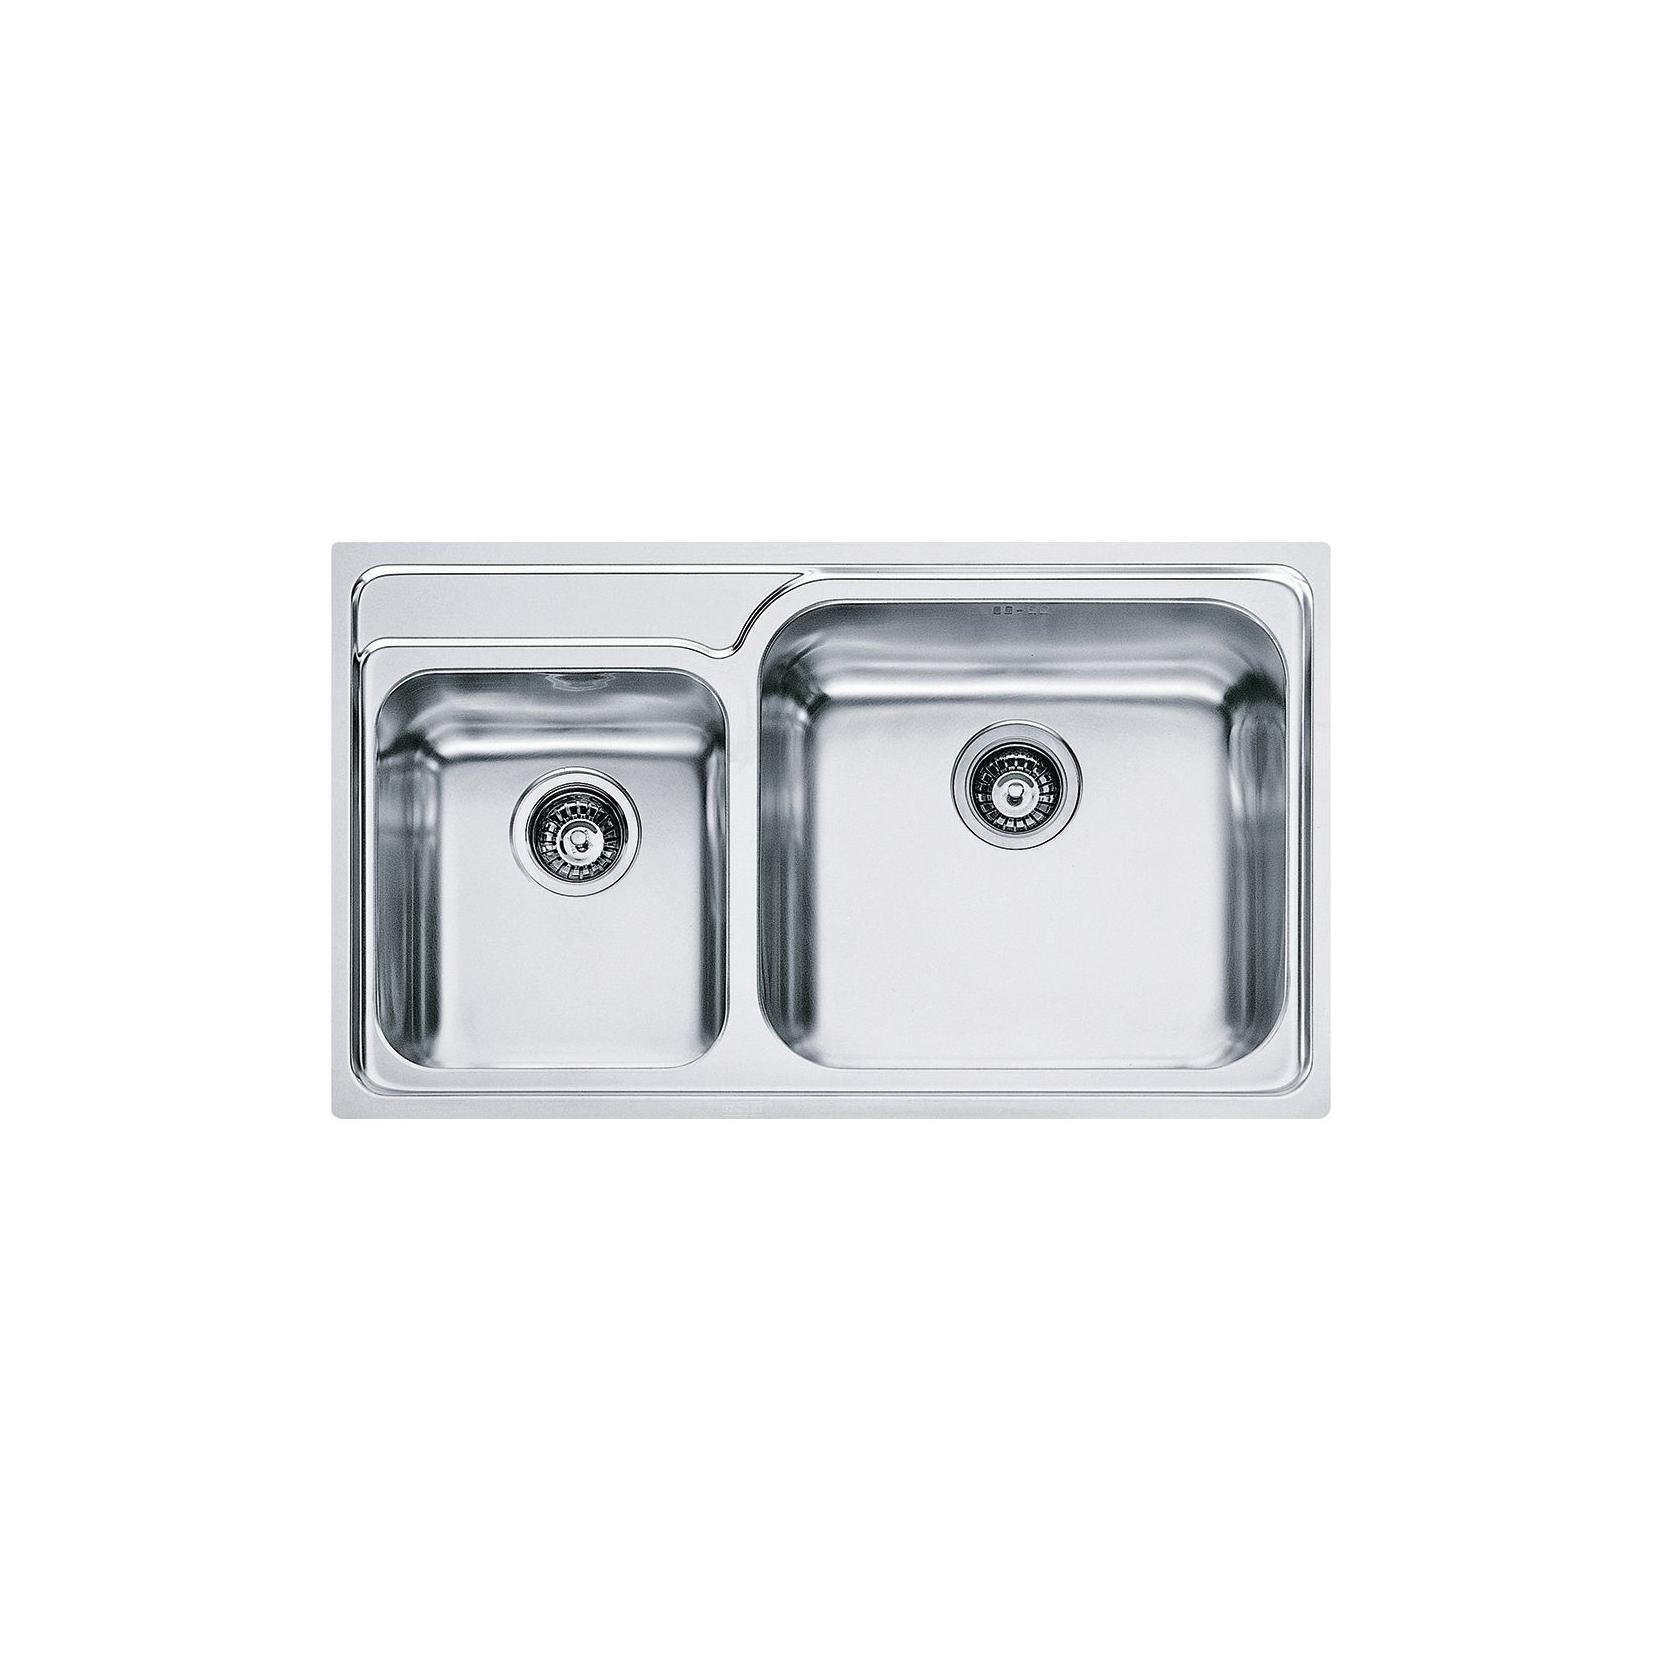 Lavelli Cucina Inox Incasso : Lavello da incasso franke gax vasche acciaio